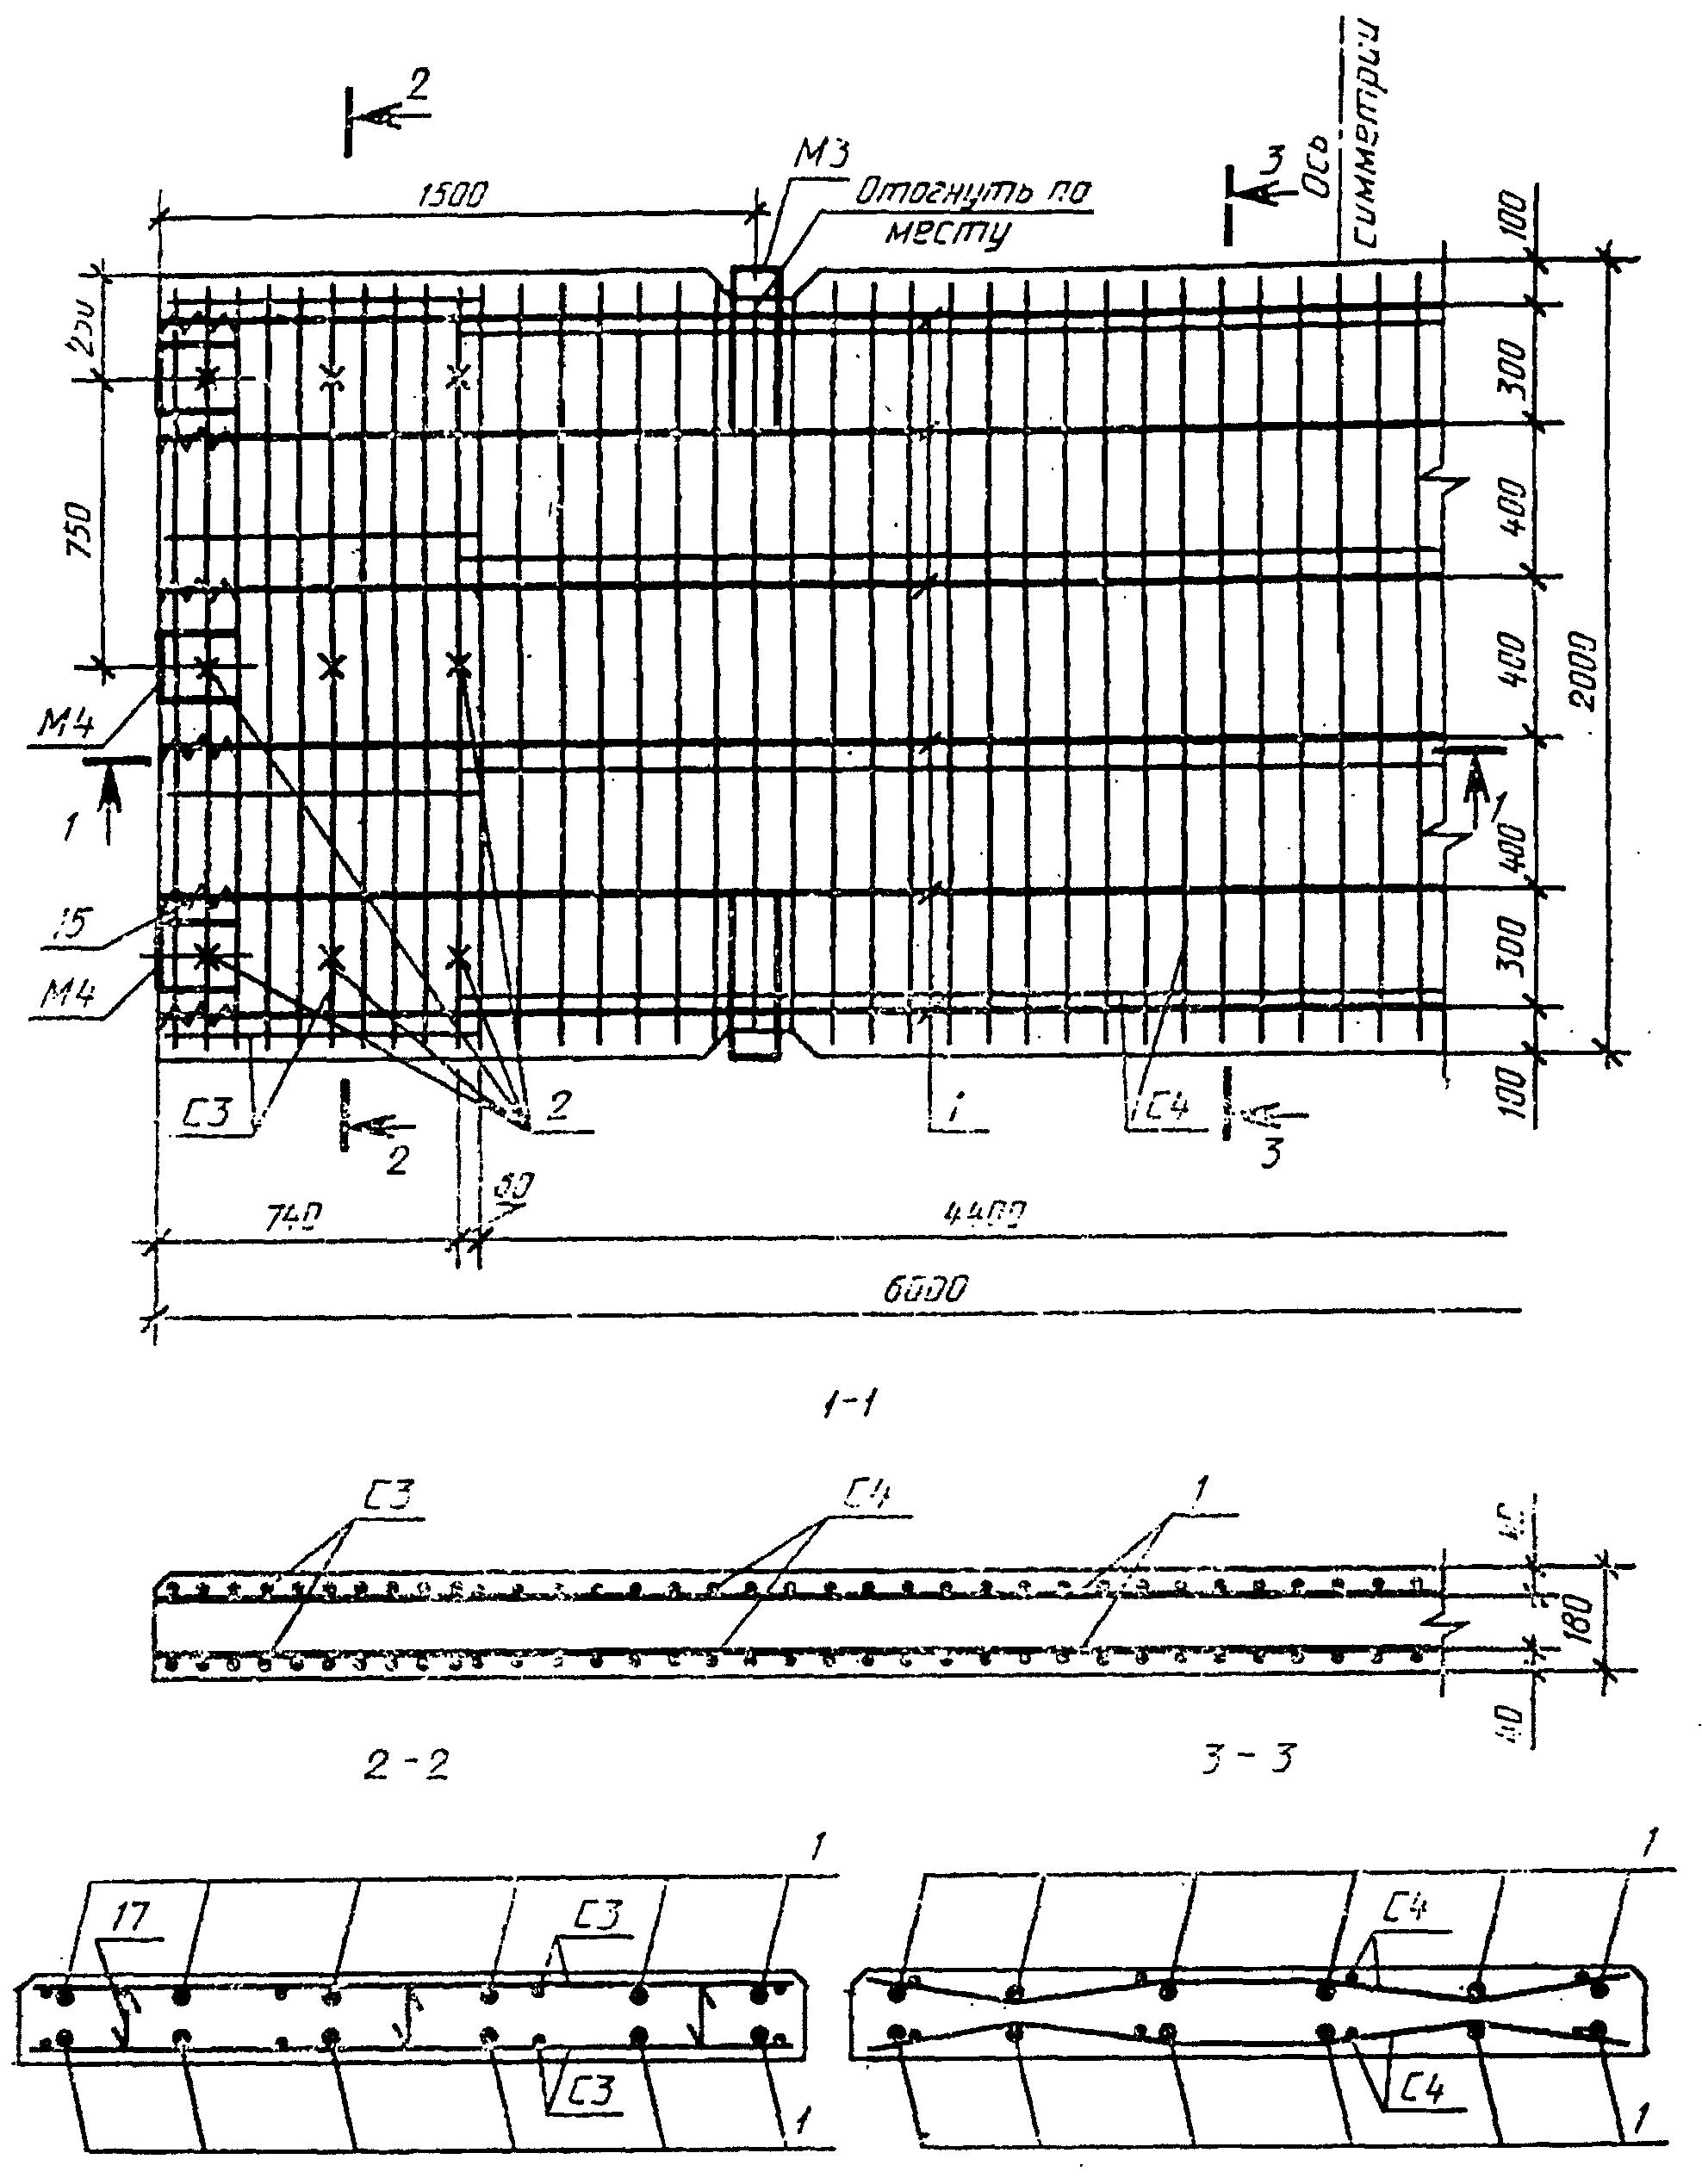 Железобетонные конструкции плиты дорожные железобетонная обделка тоннелей